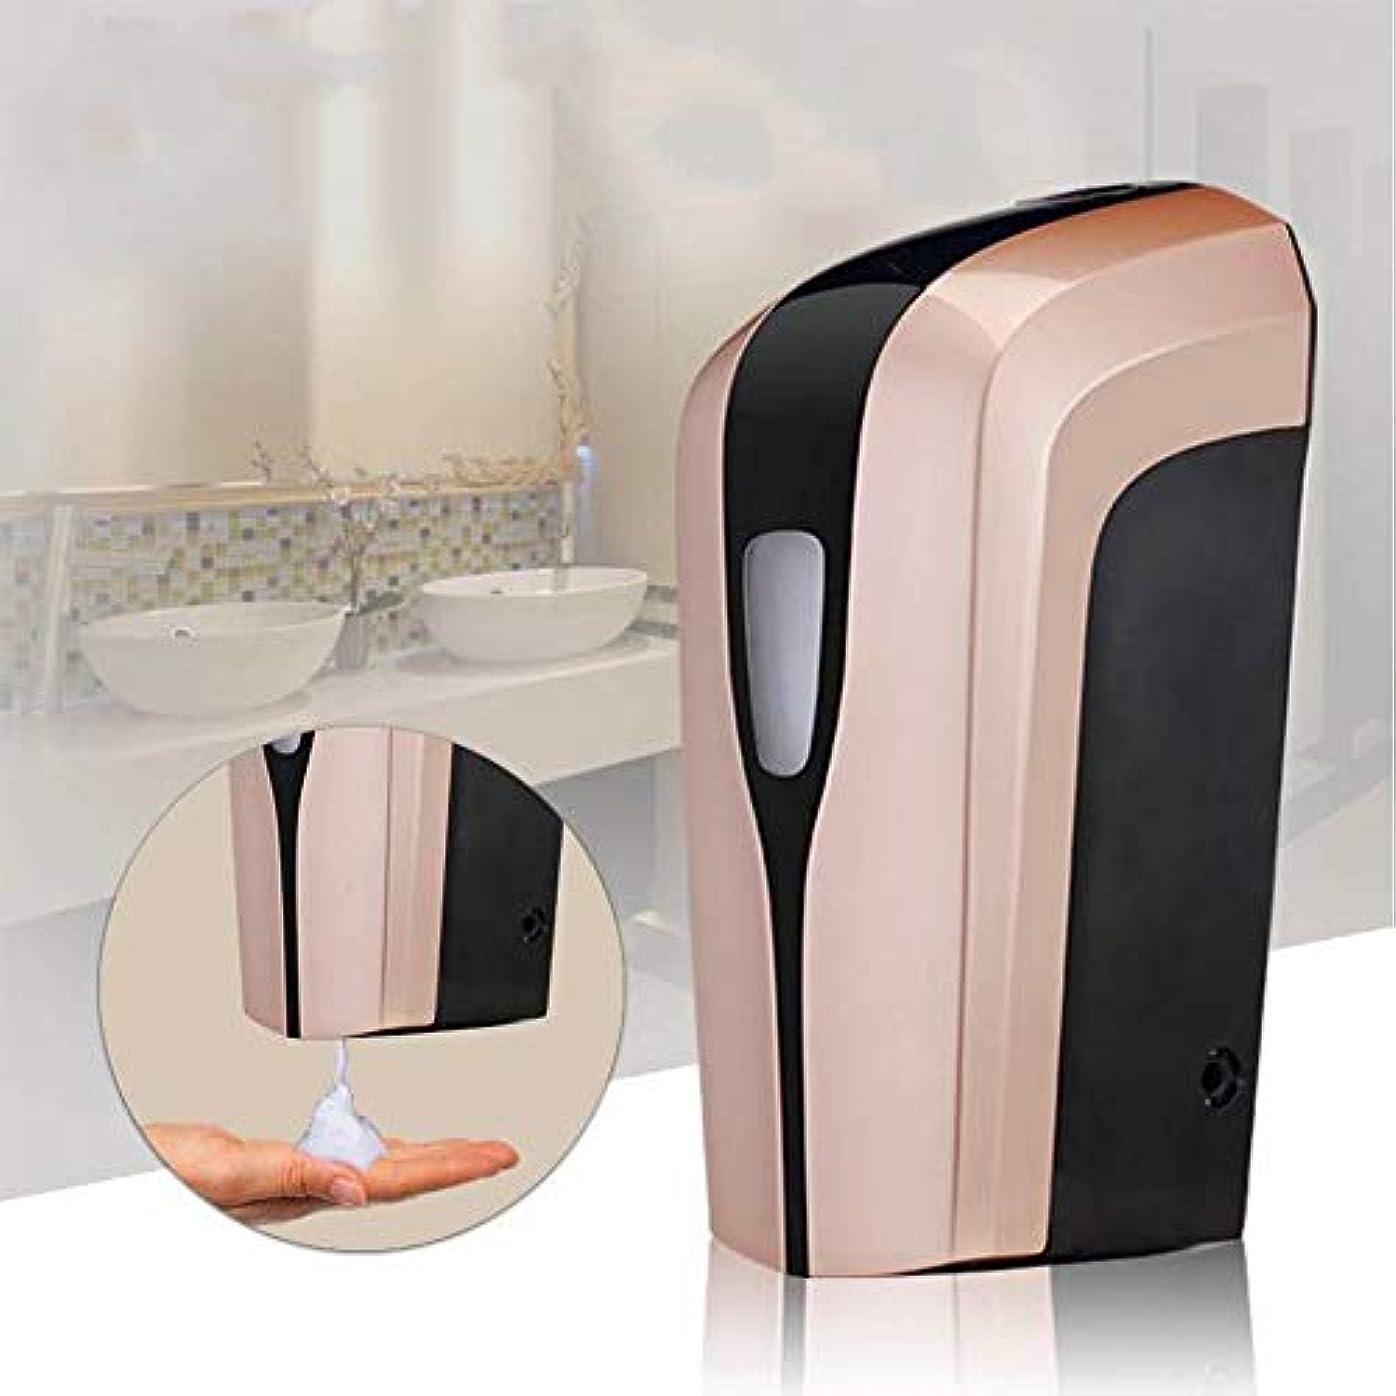 ブーム理由炎上ソープディスペンサー 400ミリリットル容量の自動ソープディスペンサー、タッチレスバッテリーは電動ハンドフリーソープディスペンサーを運営しました ハンドソープ 食器用洗剤 キッチン 洗面所などに適用 (Color : Local...